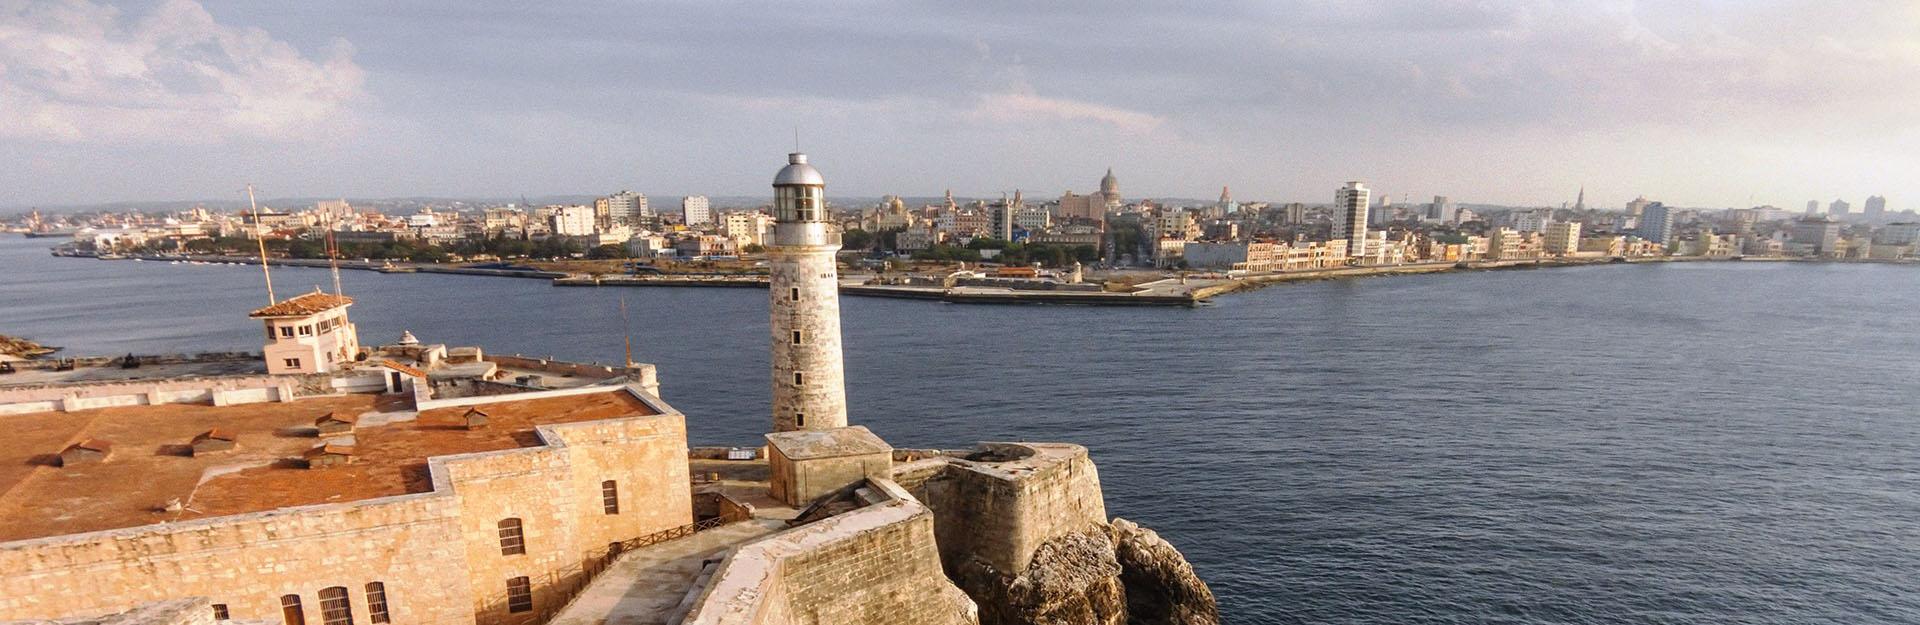 La Habana entre las más fotografiadas del mundo